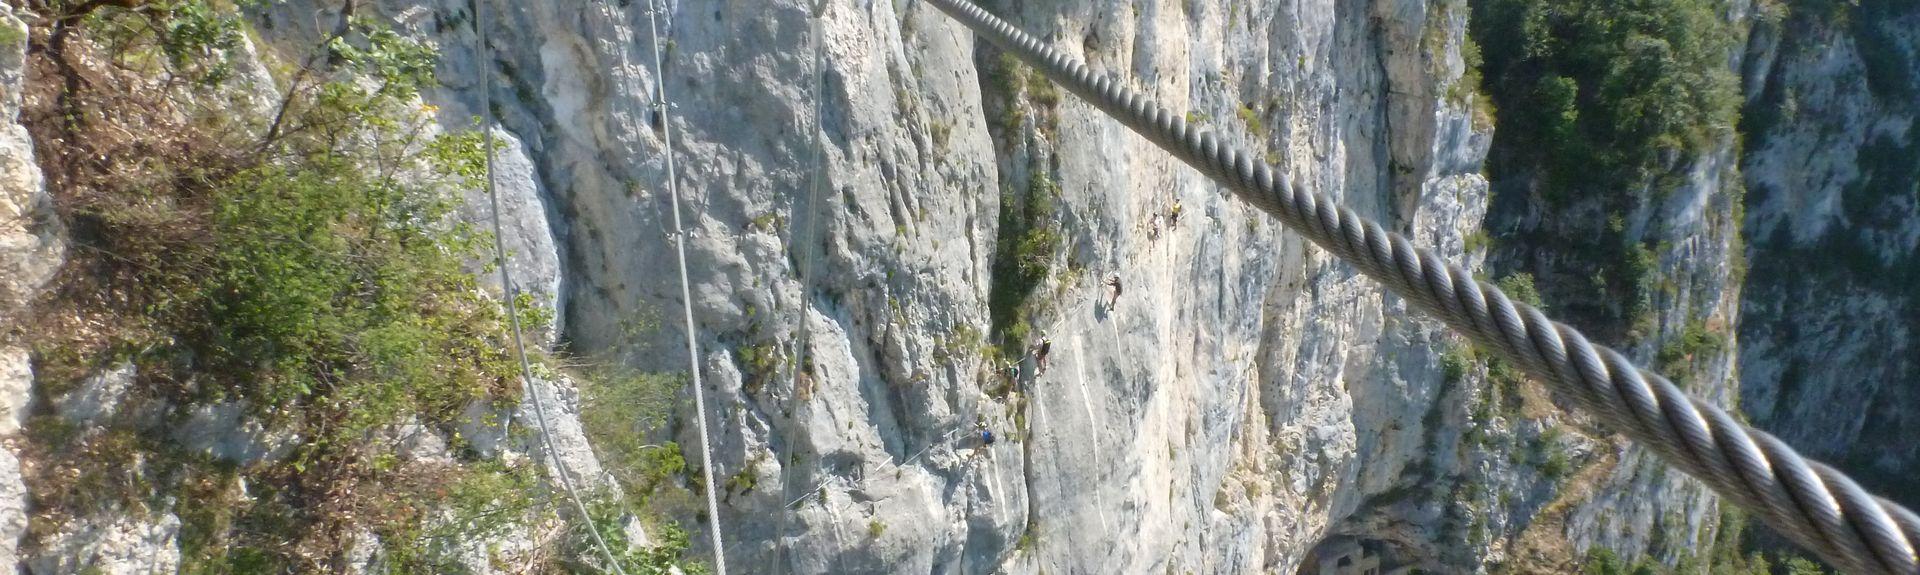 La Féclaz, Les Déserts, Ródano-Alpes, Francia